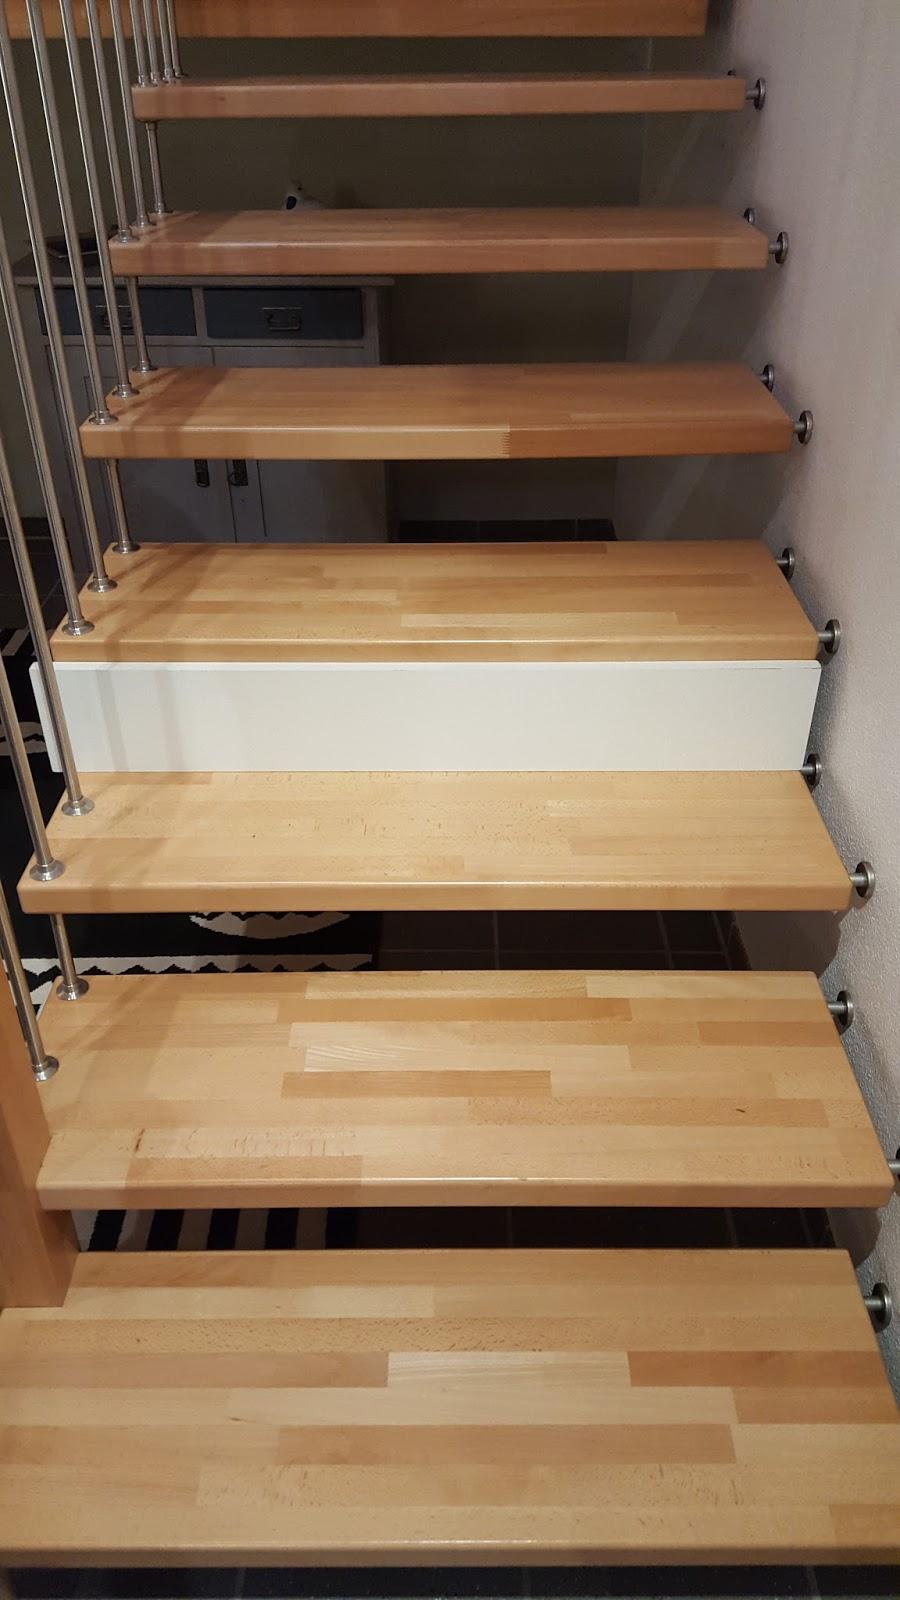 terrassentr einbauen anleitung awesome haustren preise mit einbau besten frisch haustren preise. Black Bedroom Furniture Sets. Home Design Ideas